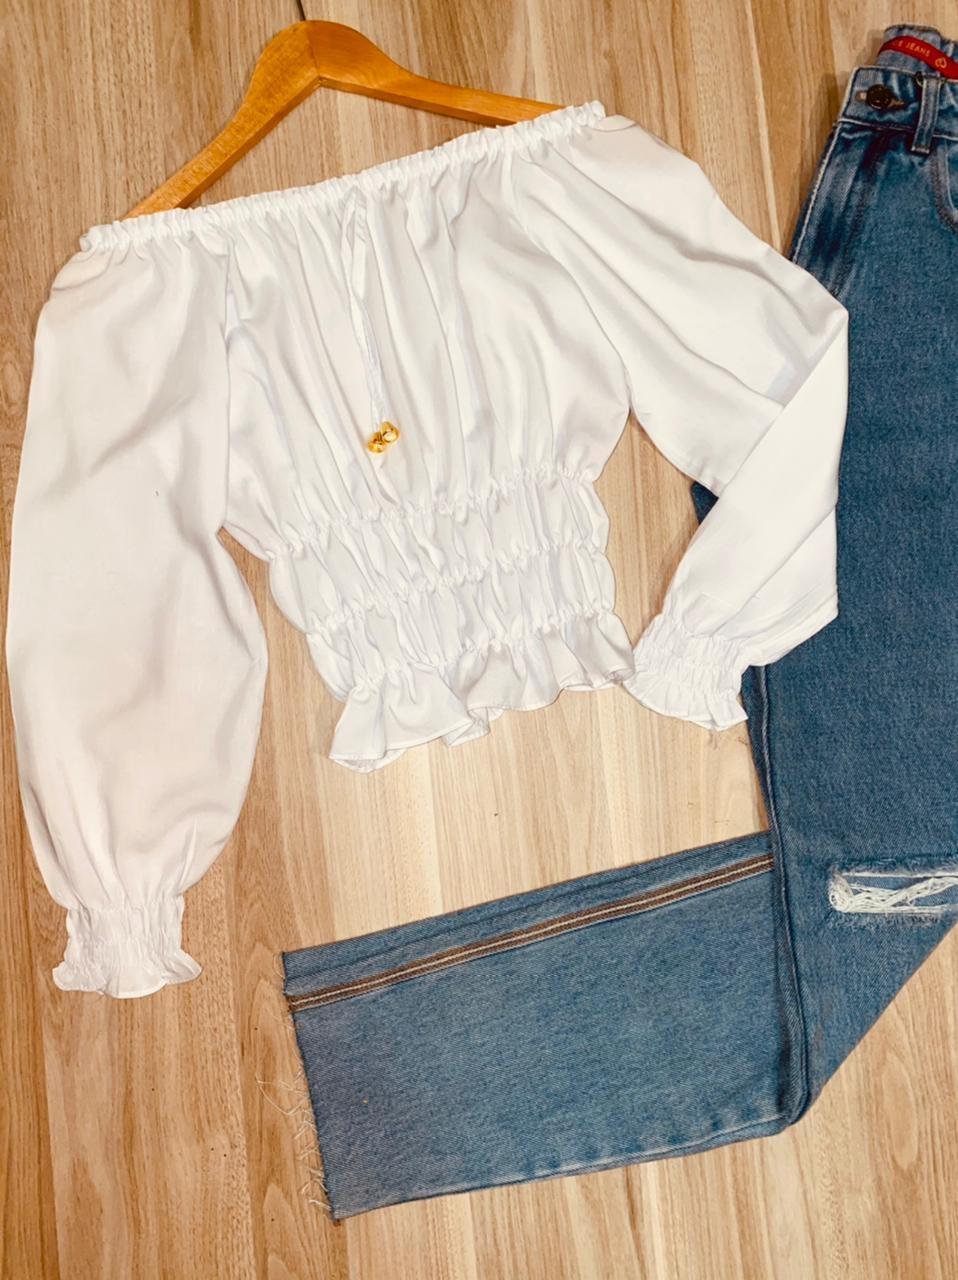 Blusa Ciganinha Cropped Manga 3/4 com Lastex Florença Branco